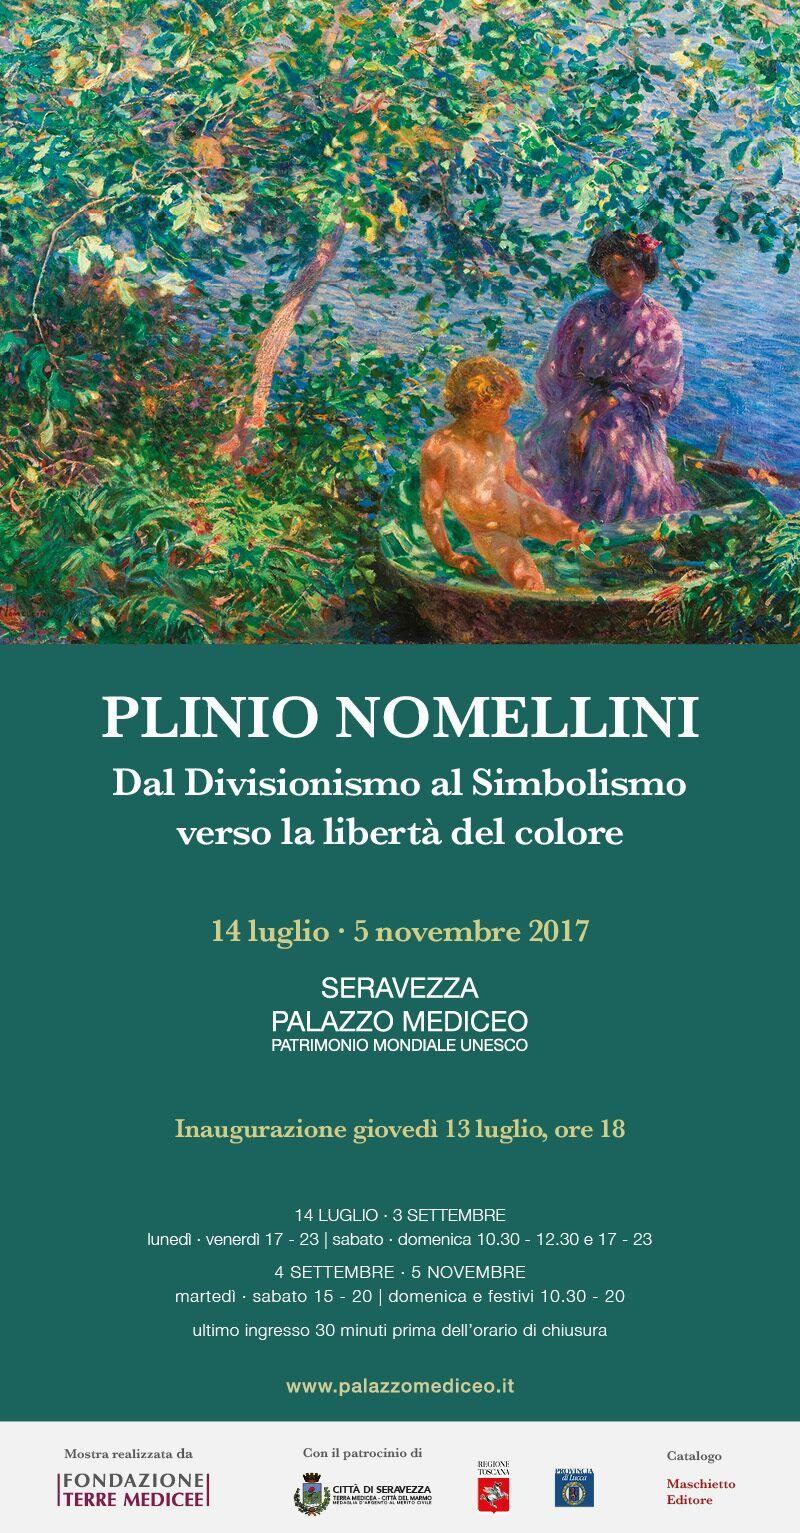 Dal Divisionismo al Simbolismo verso la libertà del colore, Plinio Nomellini a Palazzo Mediceo